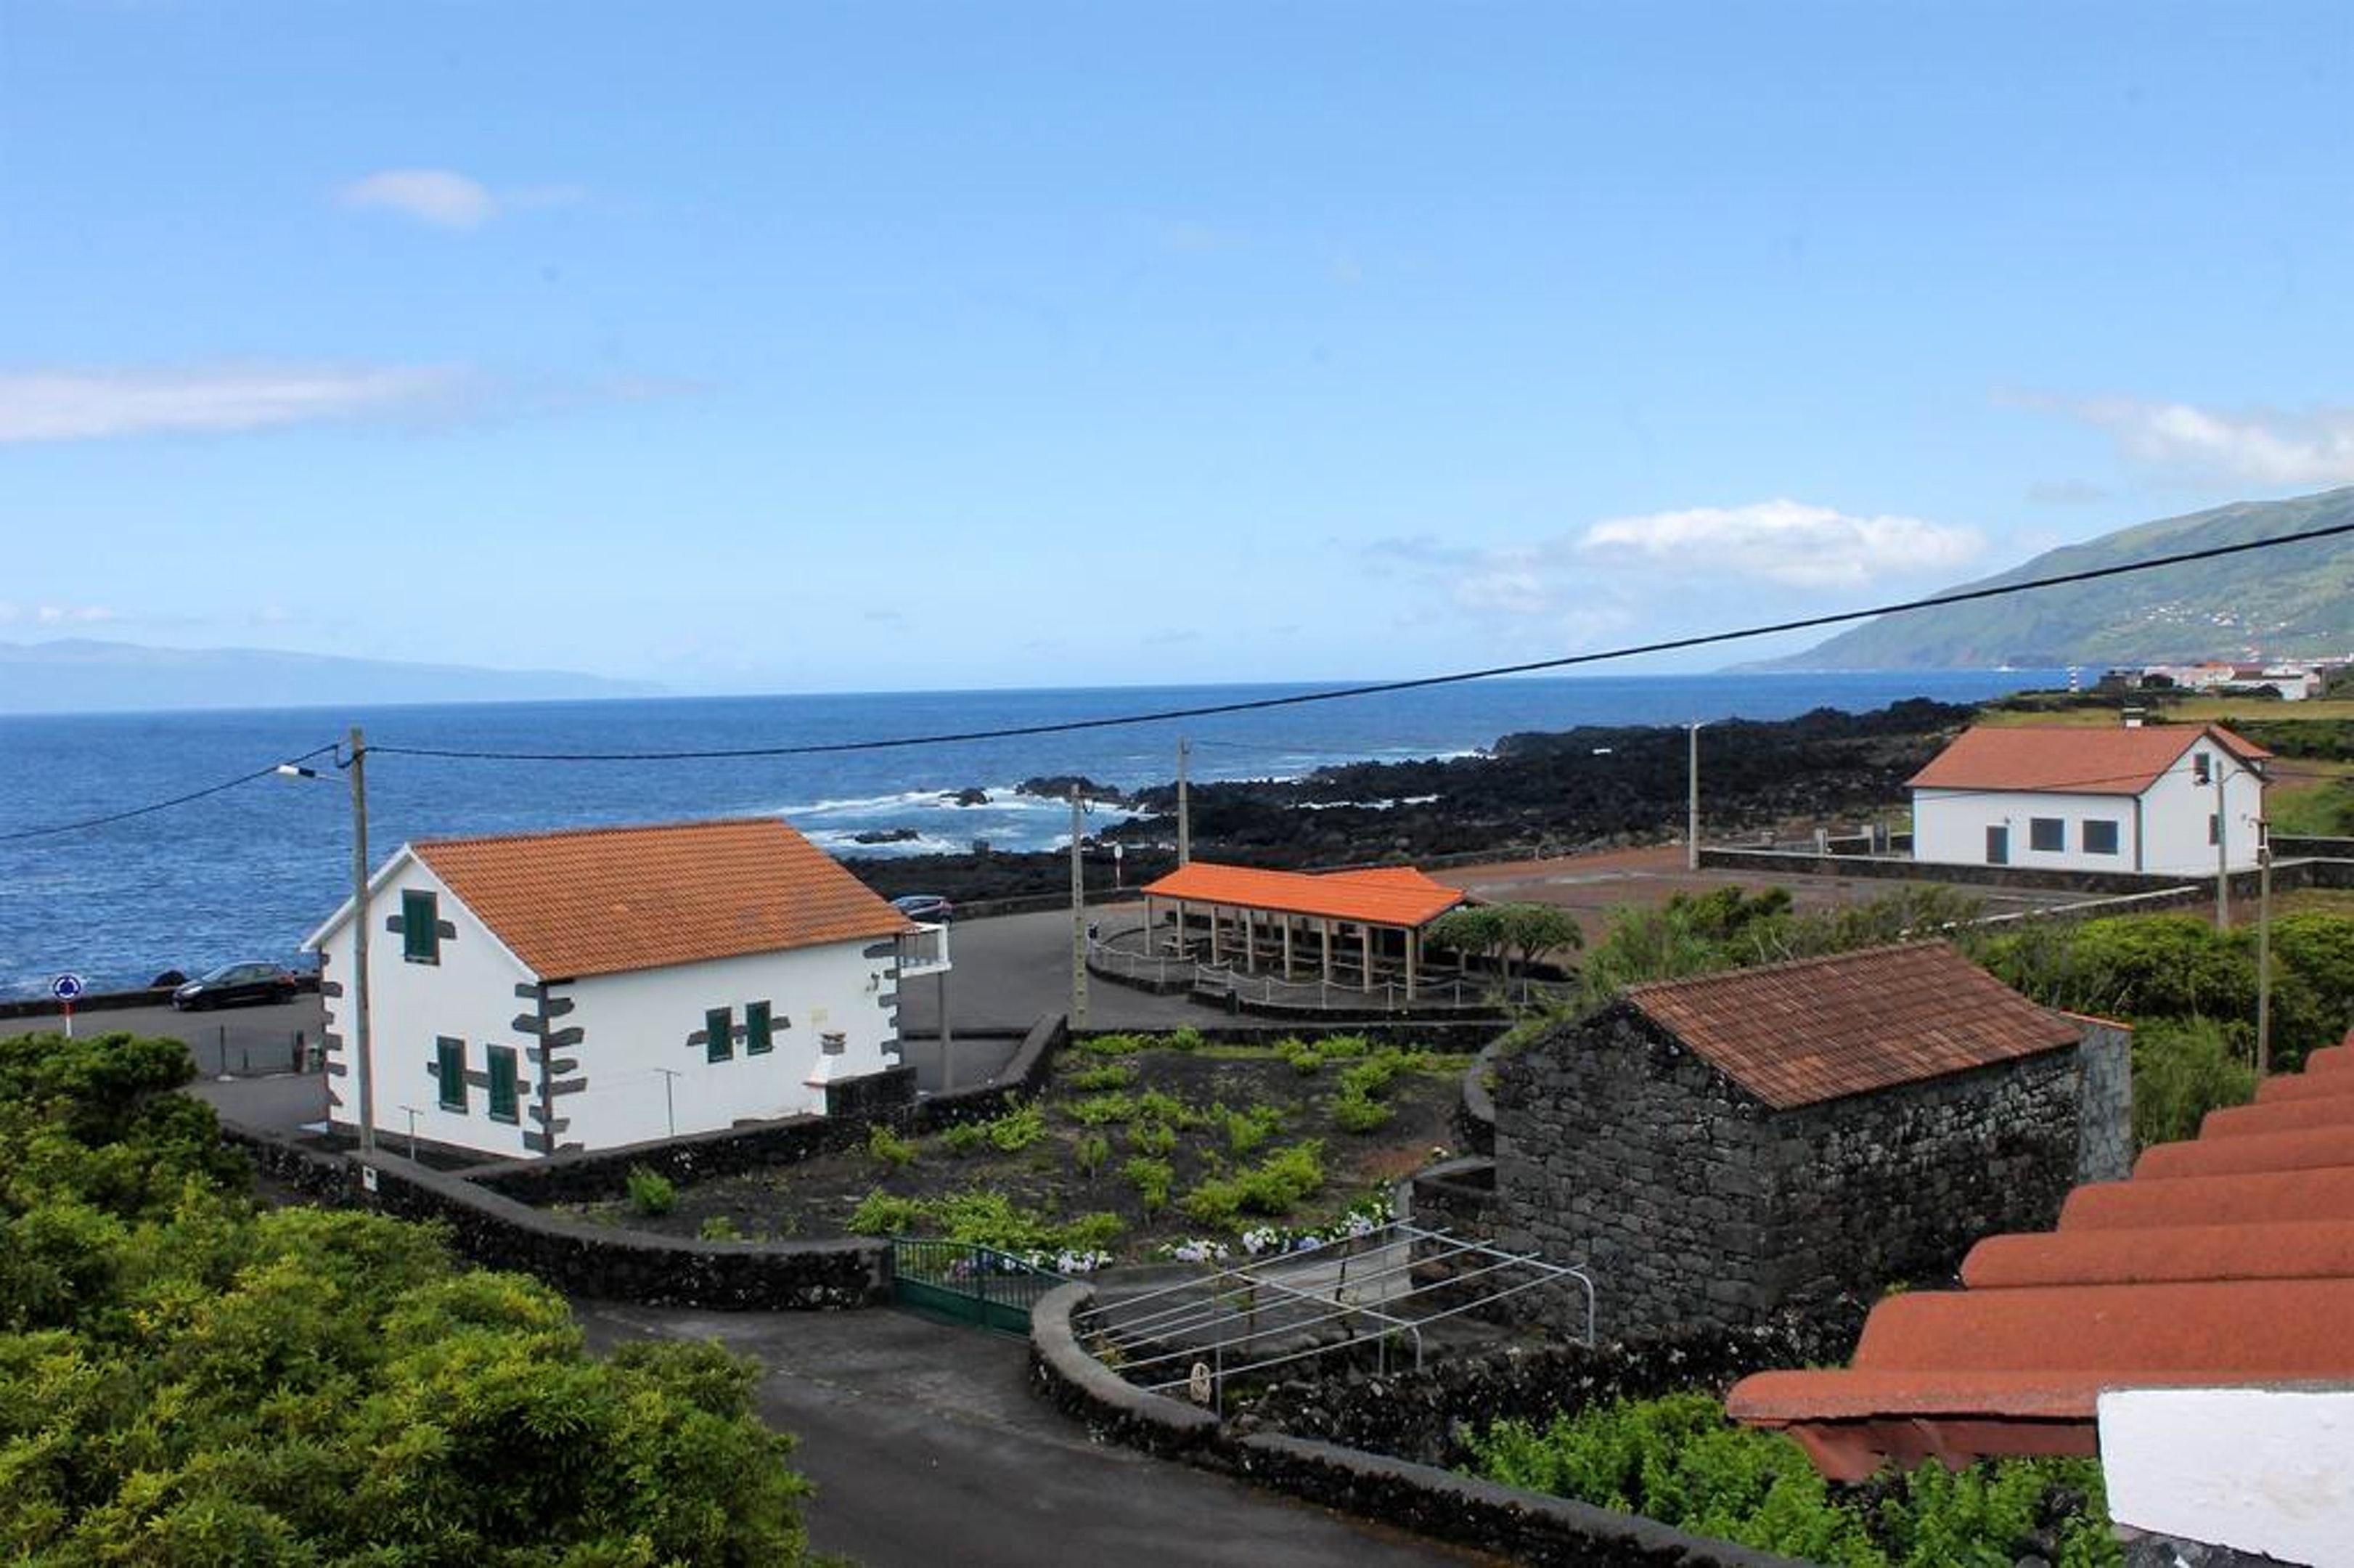 Ferienhaus Haus mit 3 Schlafzimmern in Prainha mit herrlichem Meerblick, eingezäuntem Garten und W-LA (2683894), Prainha, Pico, Azoren, Portugal, Bild 16